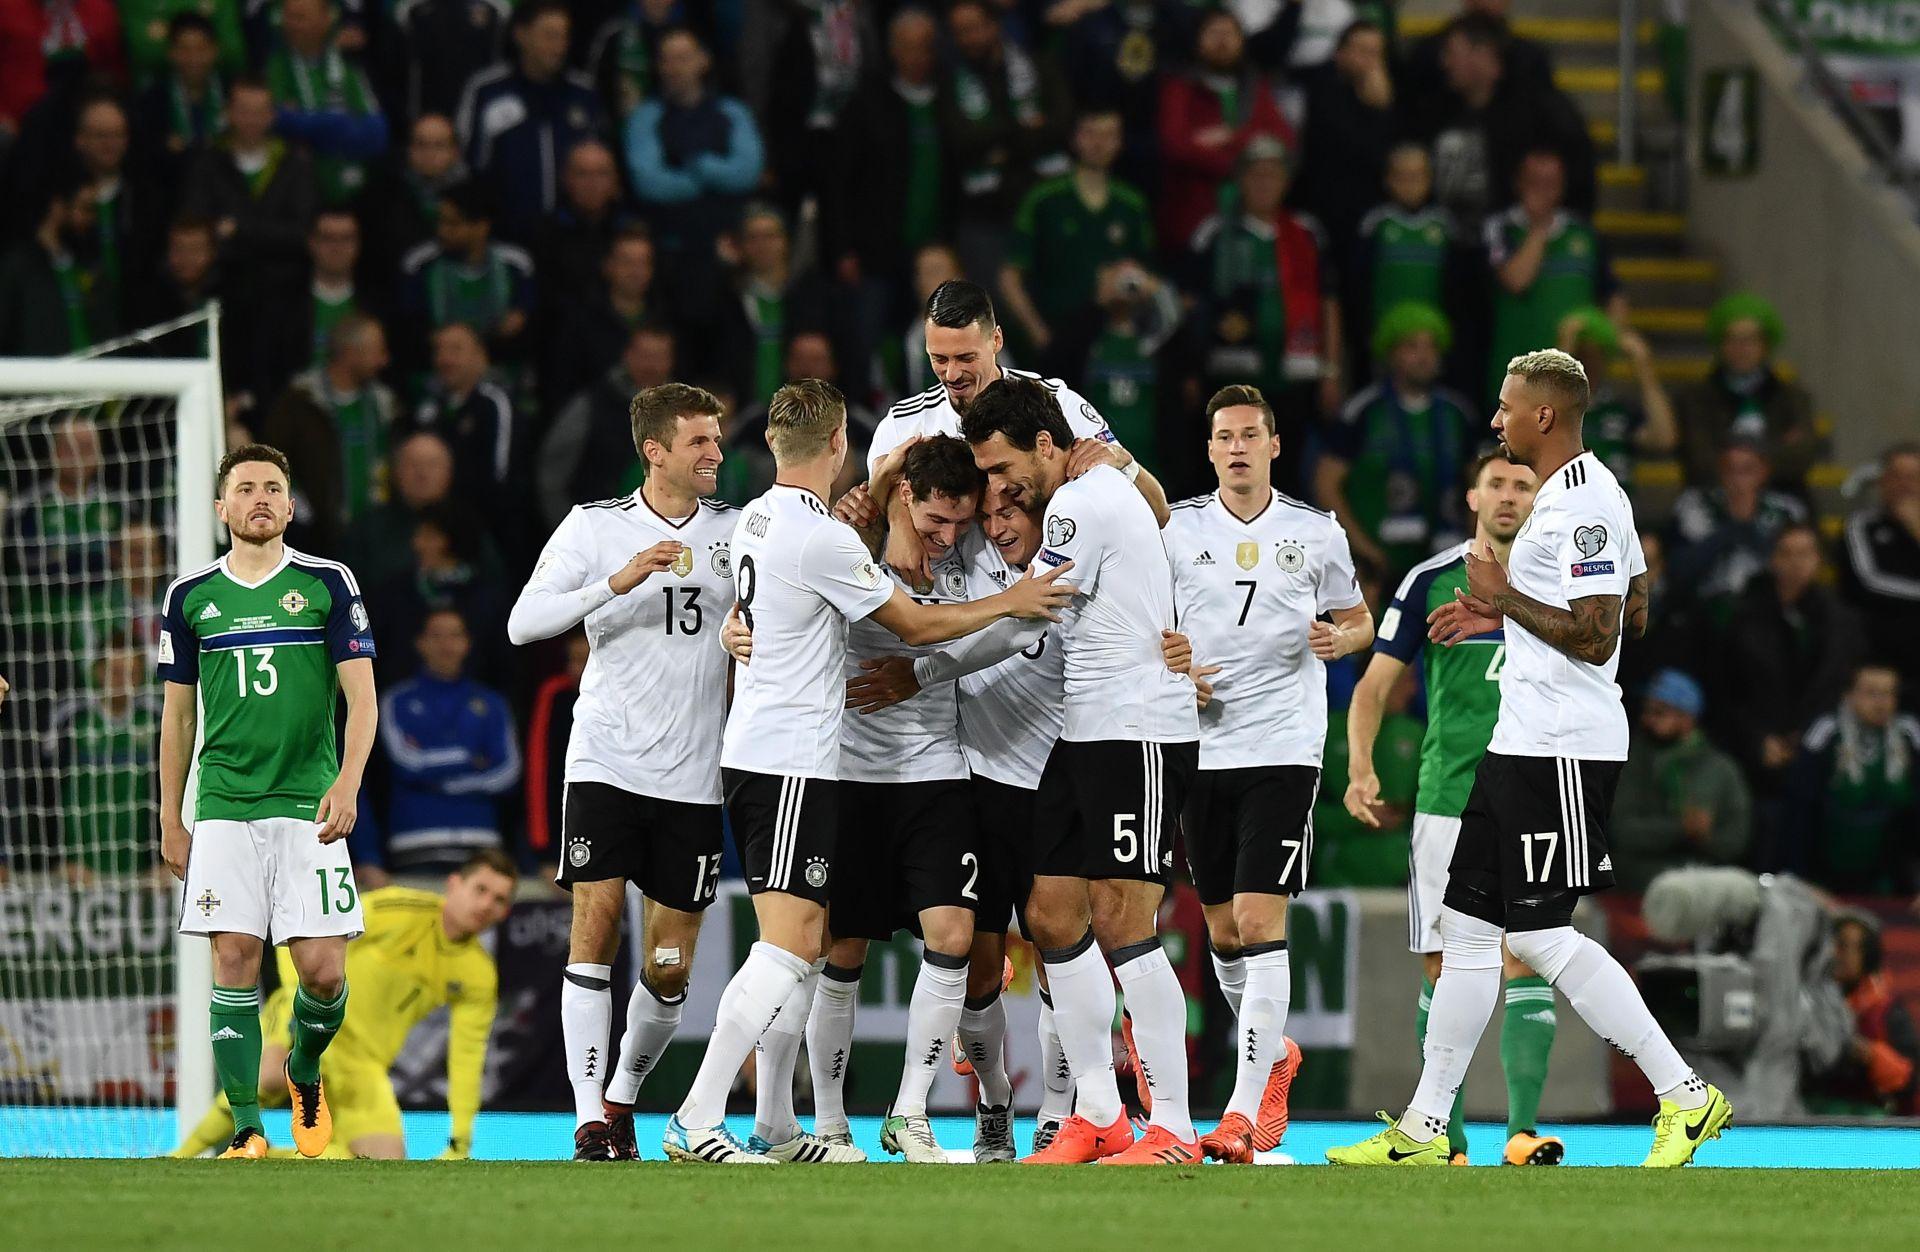 Fussball Heute Weissrussland Deutschland Im Live Stream Und